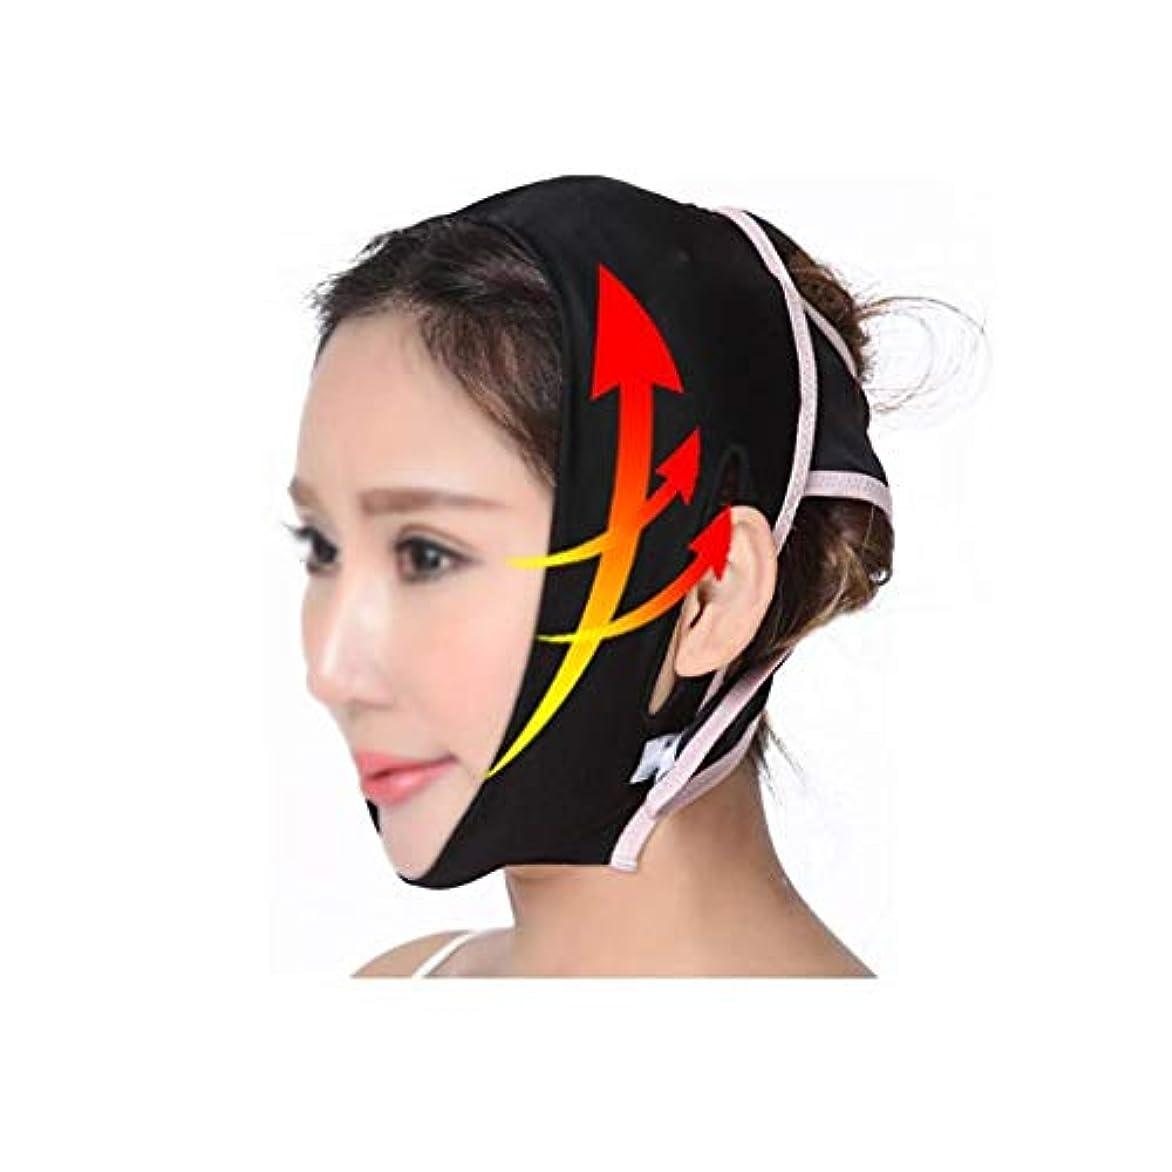 振動させる建築家供給フェイスリフトマスク、フェイシャルマスク睡眠顔整形顔包帯顔リフティングV顔顔アーティファクト回復通気性ネックストラップ(サイズ:M)